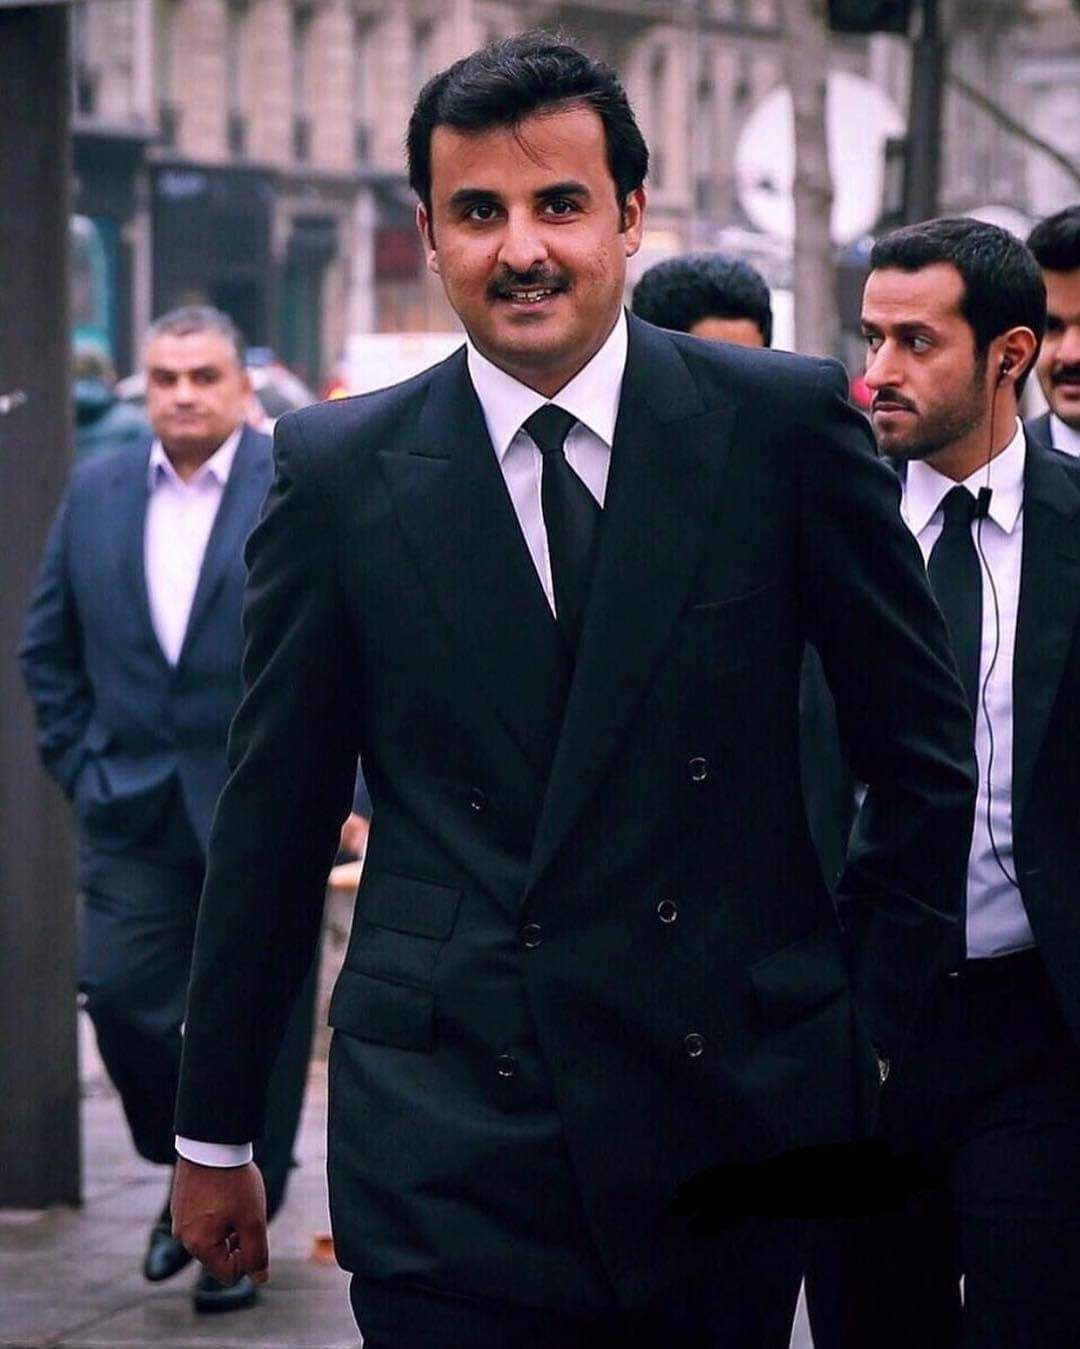 الأمير تميم بن حمد بن خليفة آل ثاني Amir Of Qatar Sheikh Tamim Bin Hamad Al Thani Double Breasted Suit Jacket Suit Jacket Jackets